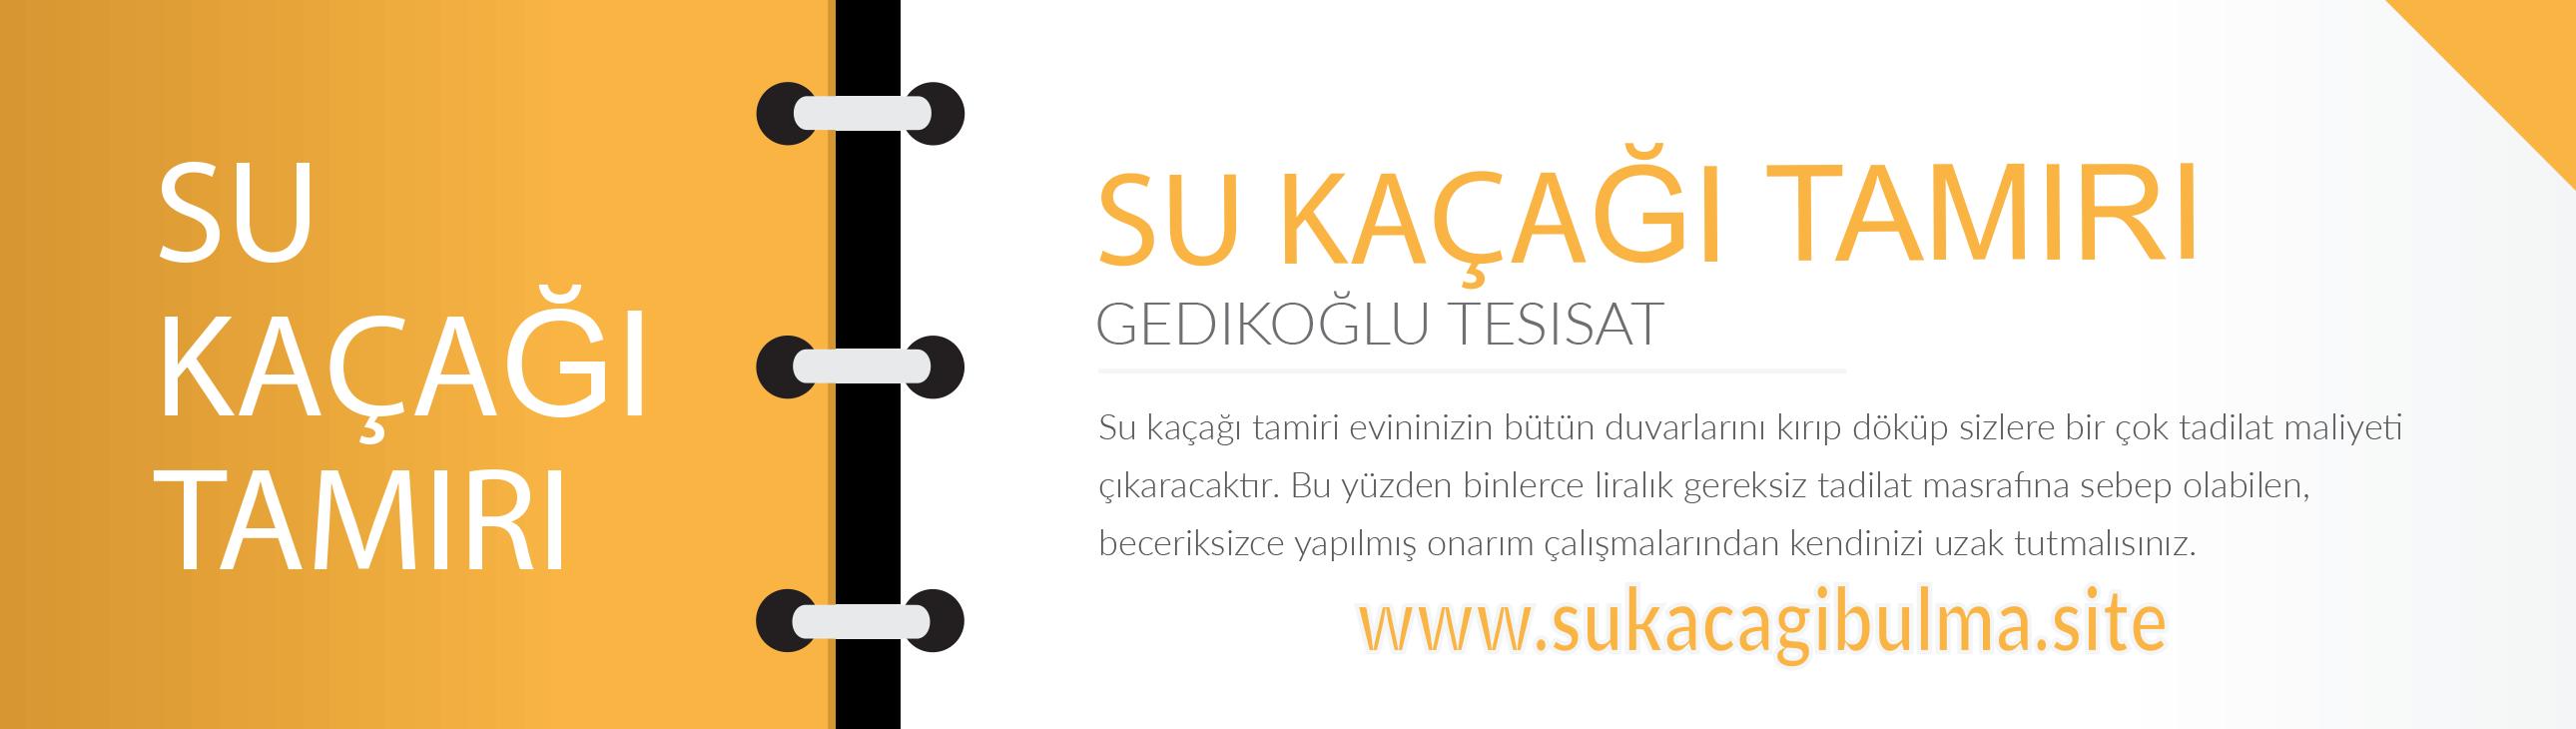 su_kacagi_tamiri_afis